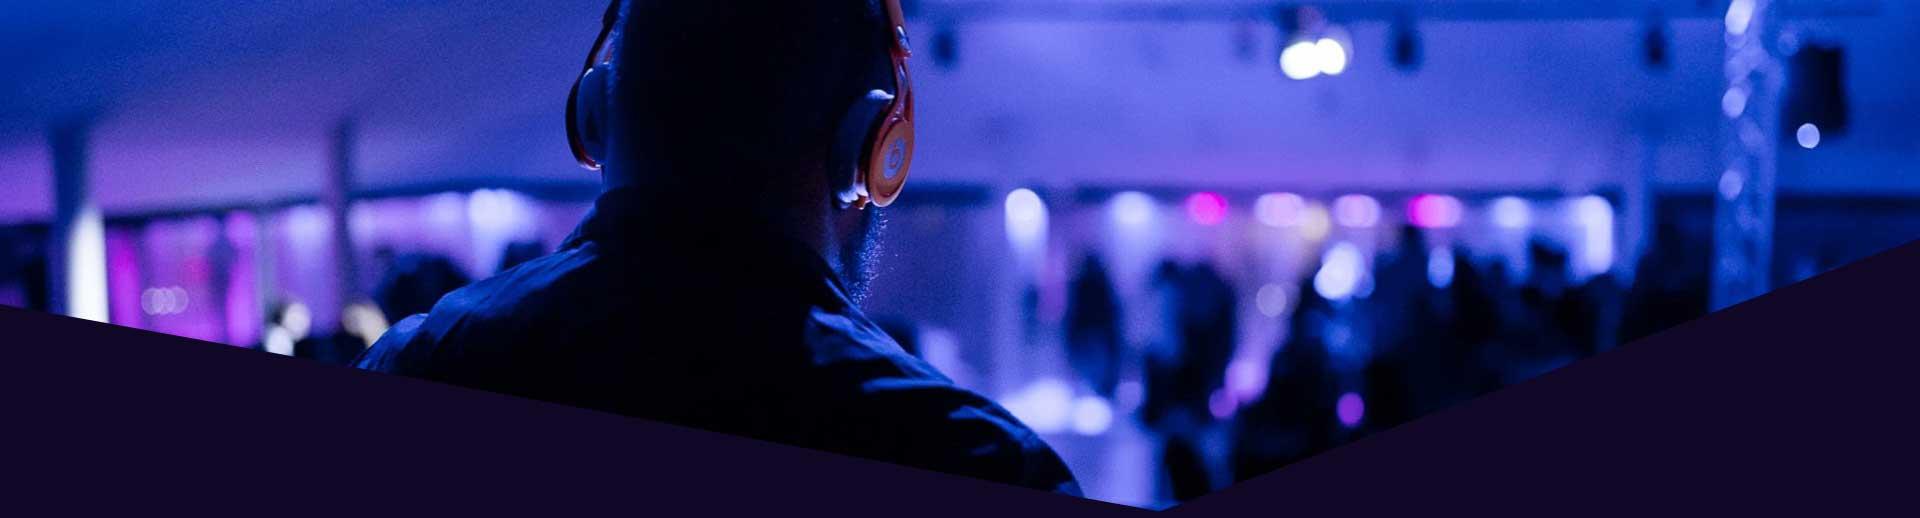 Black Hole Milano | Discoteche e night club a Milano per feste e musica dal vivo | Discoteca Milano Eventi in discoteca